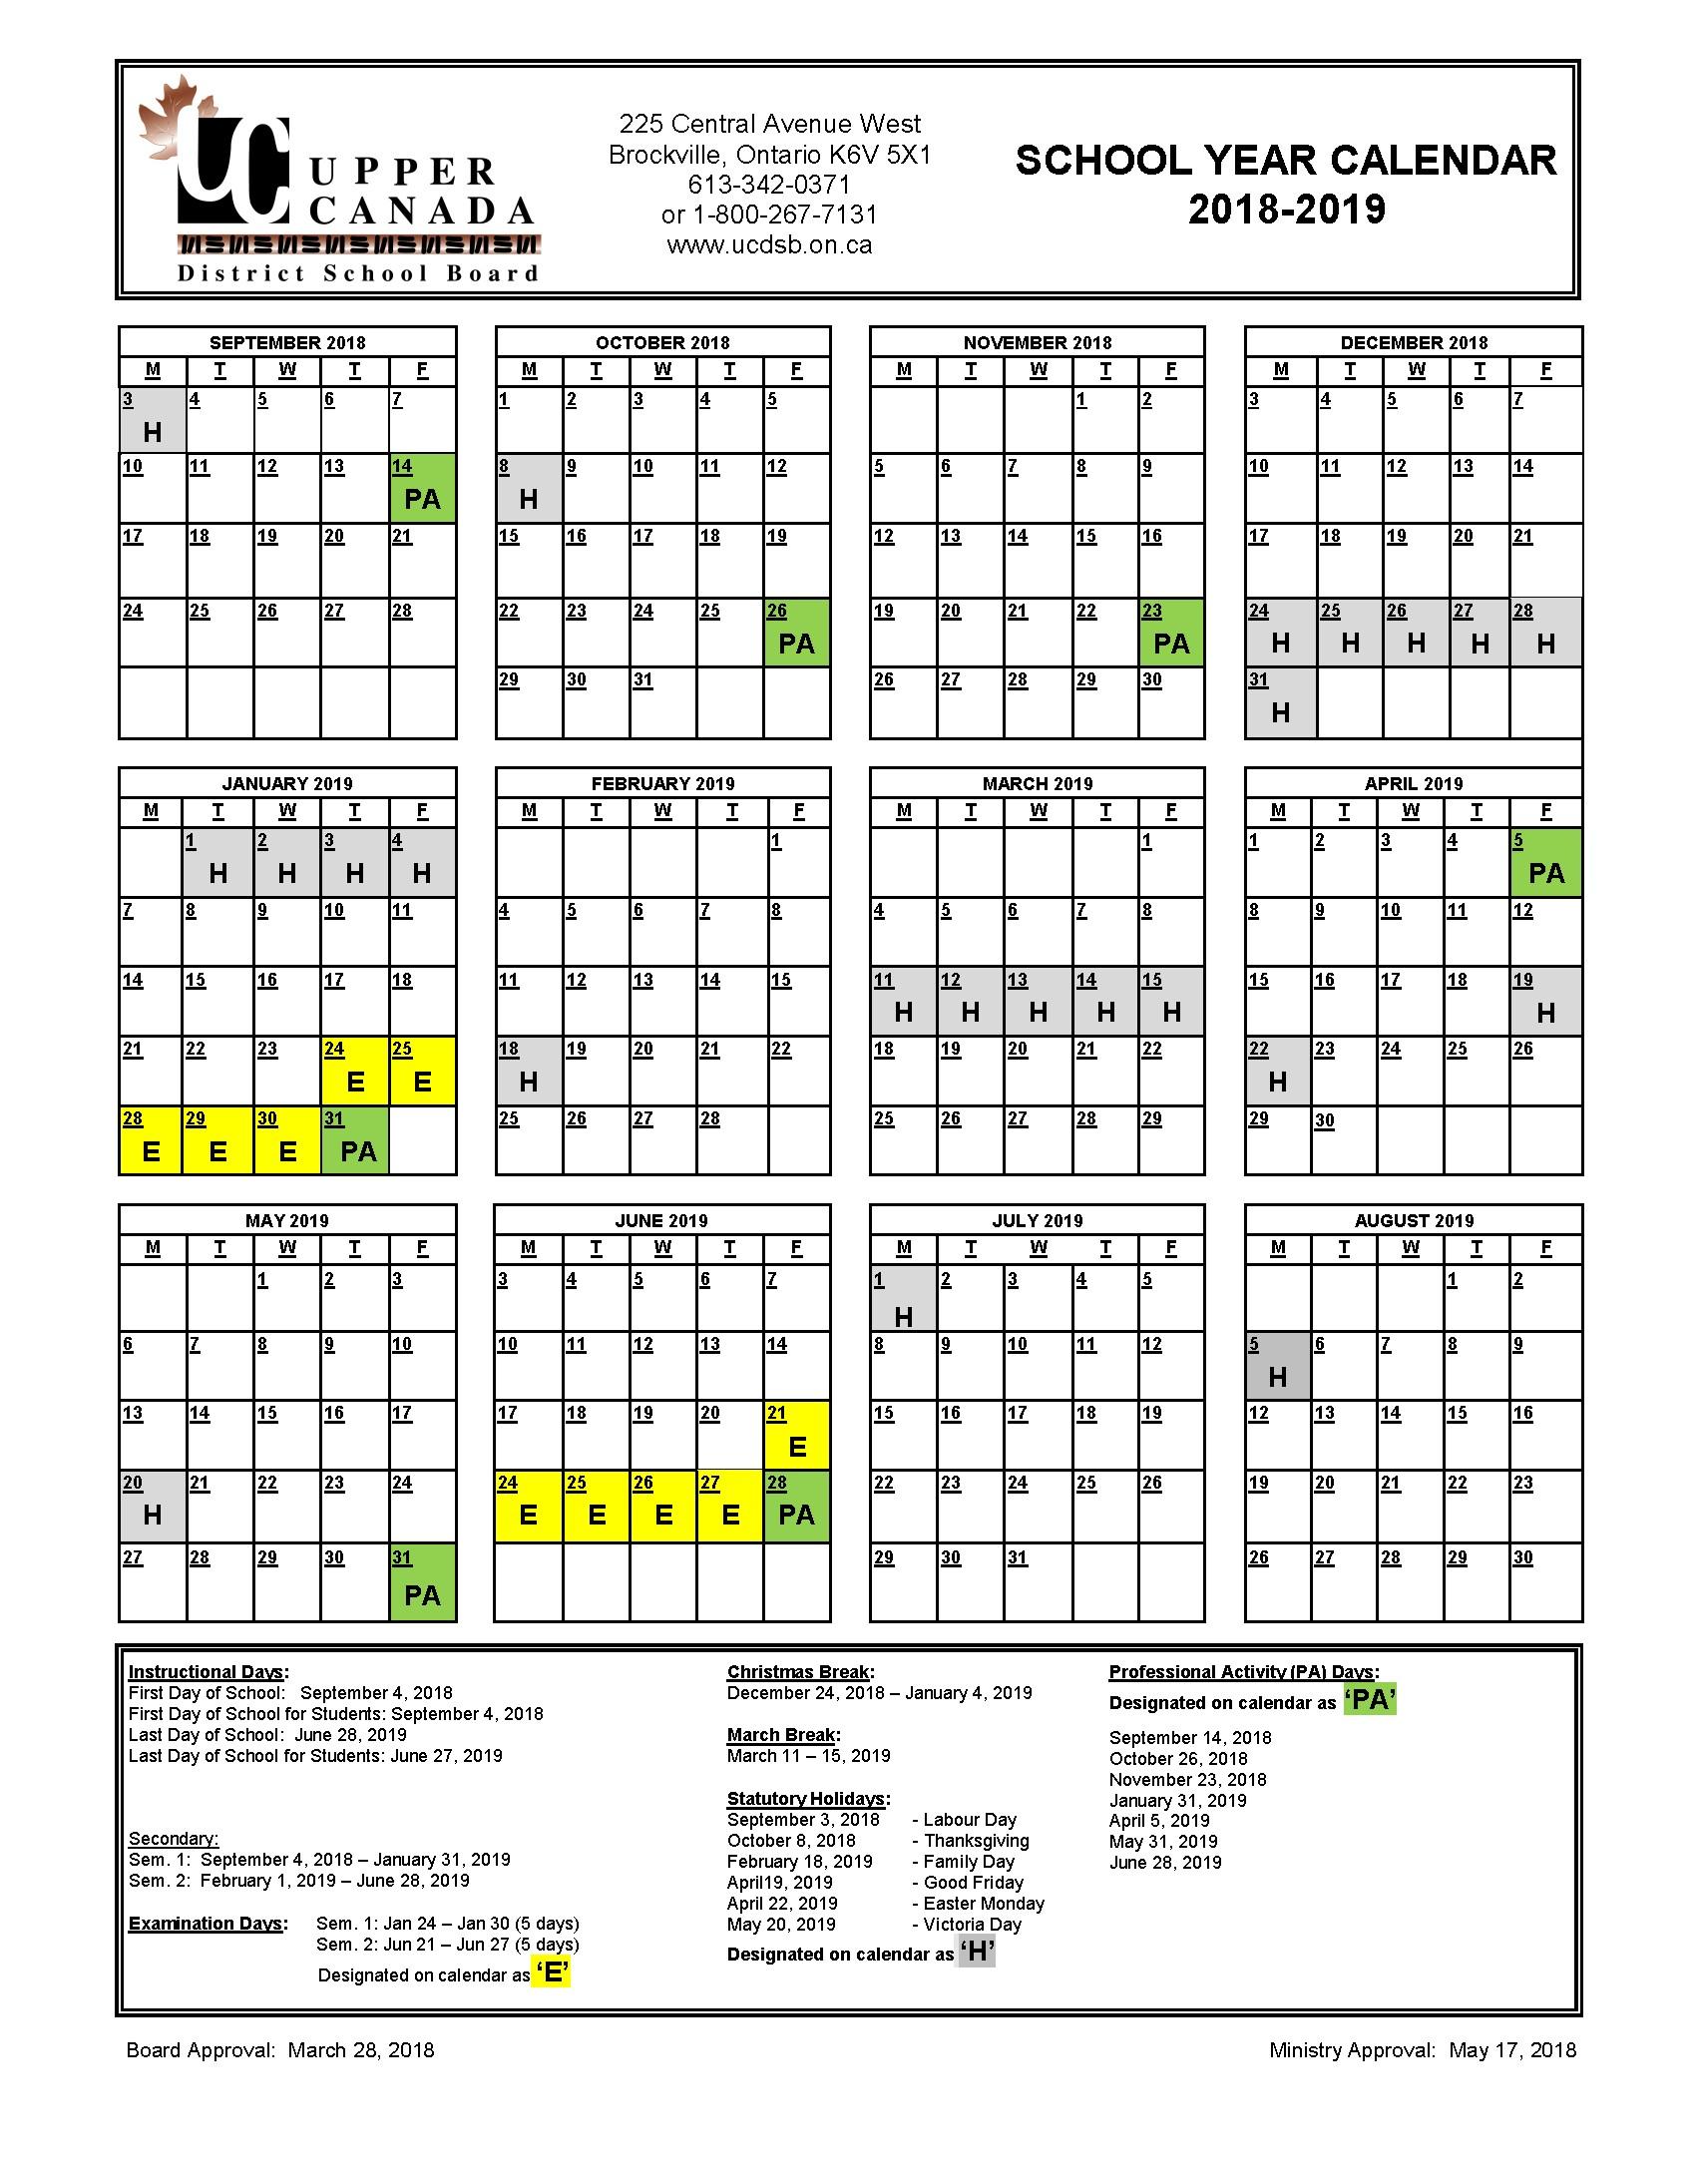 2018 2019 School Year Calendar Upper Canada District School Board